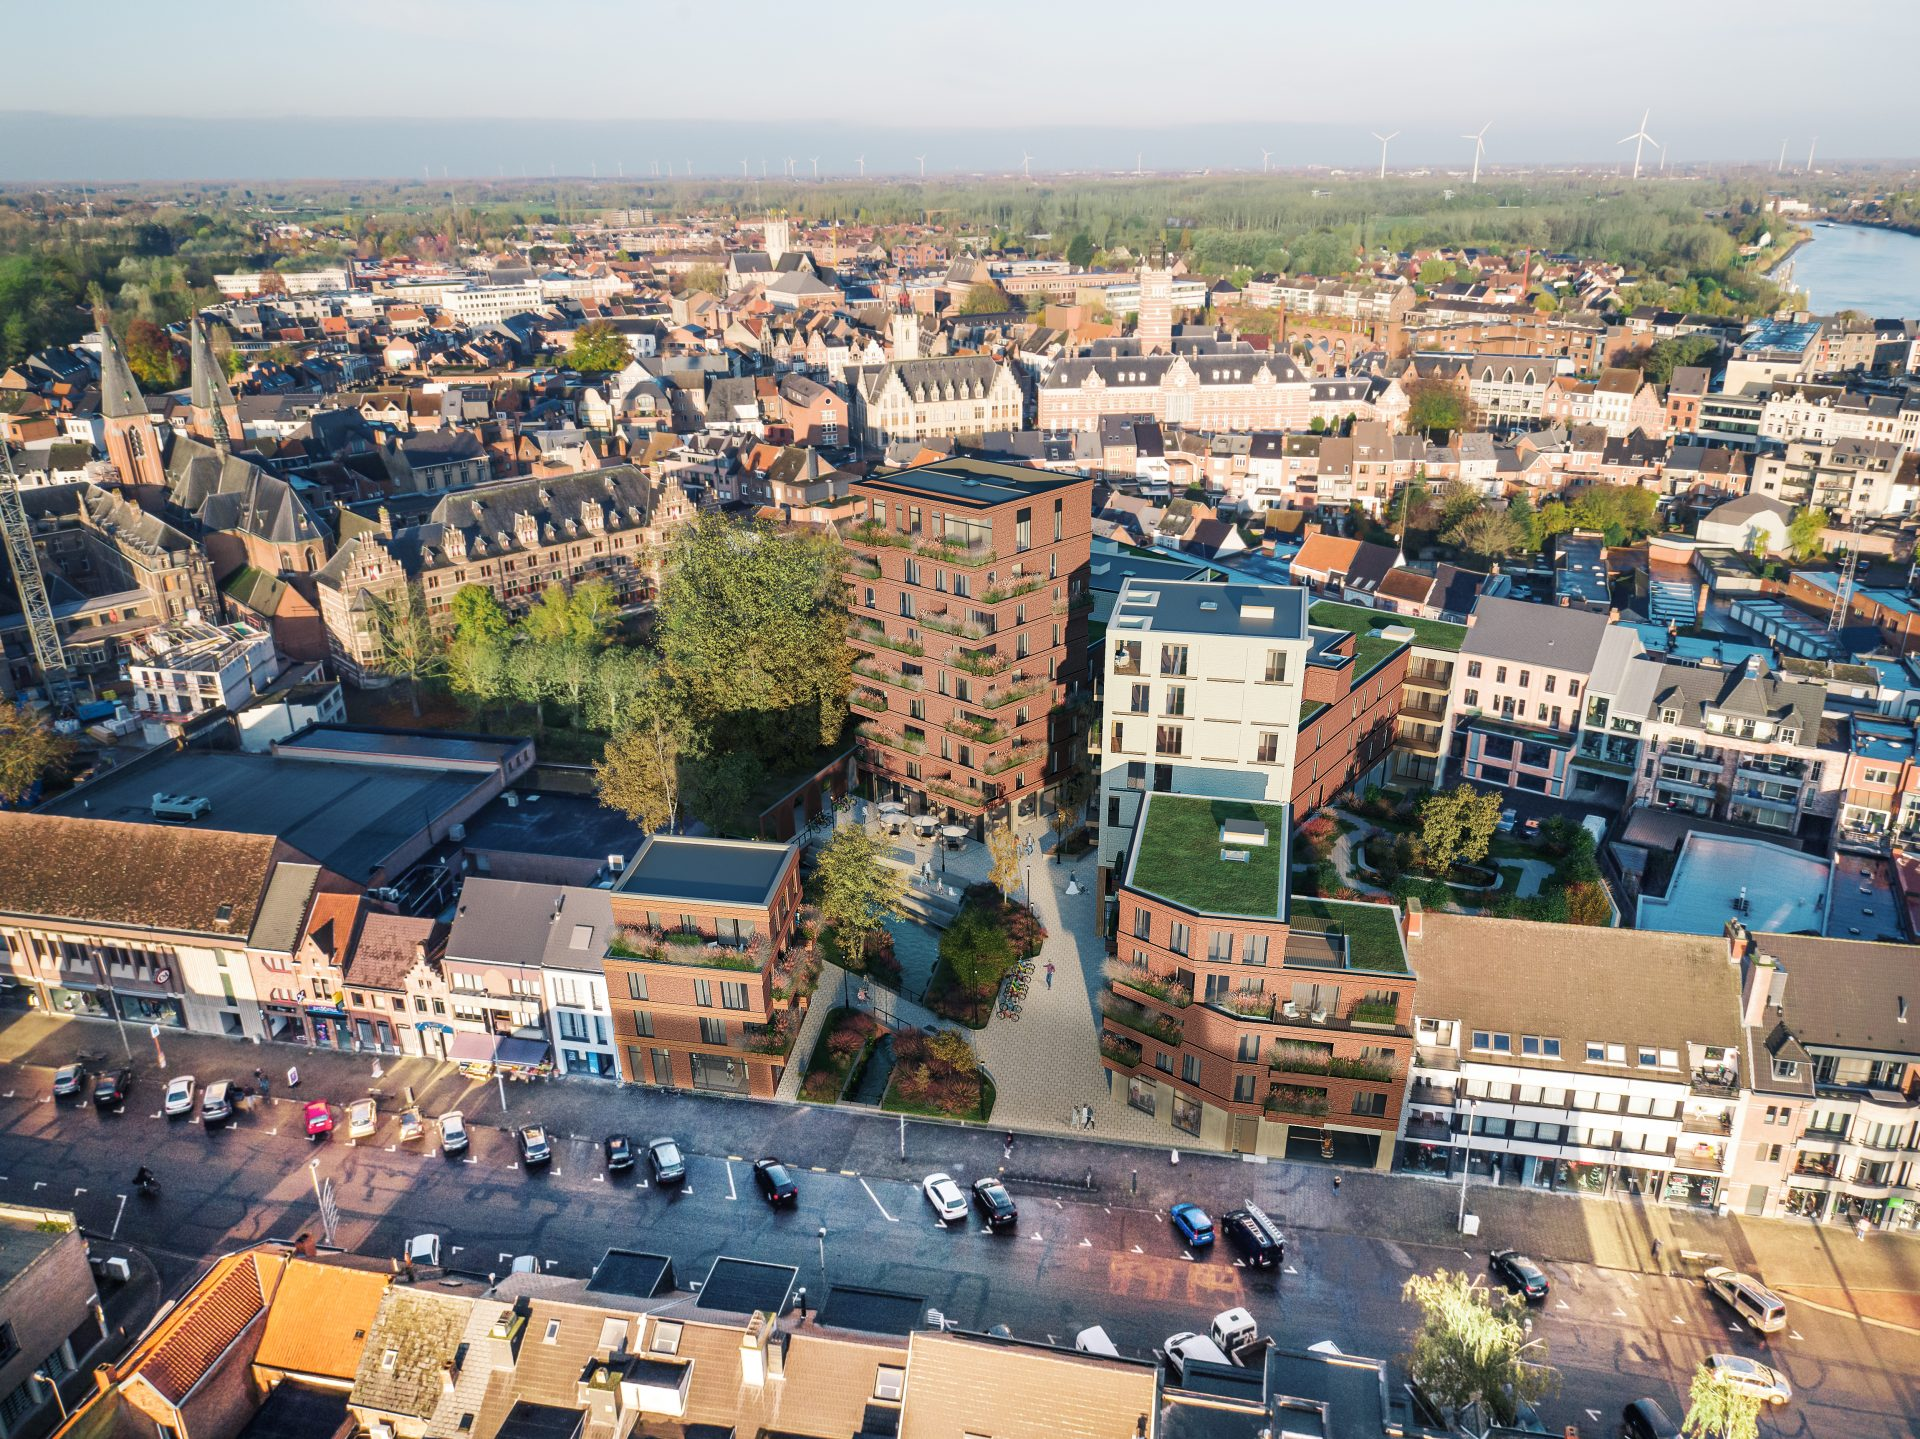 Bouw Hof van Saeys Dendermonde kan van start gaan